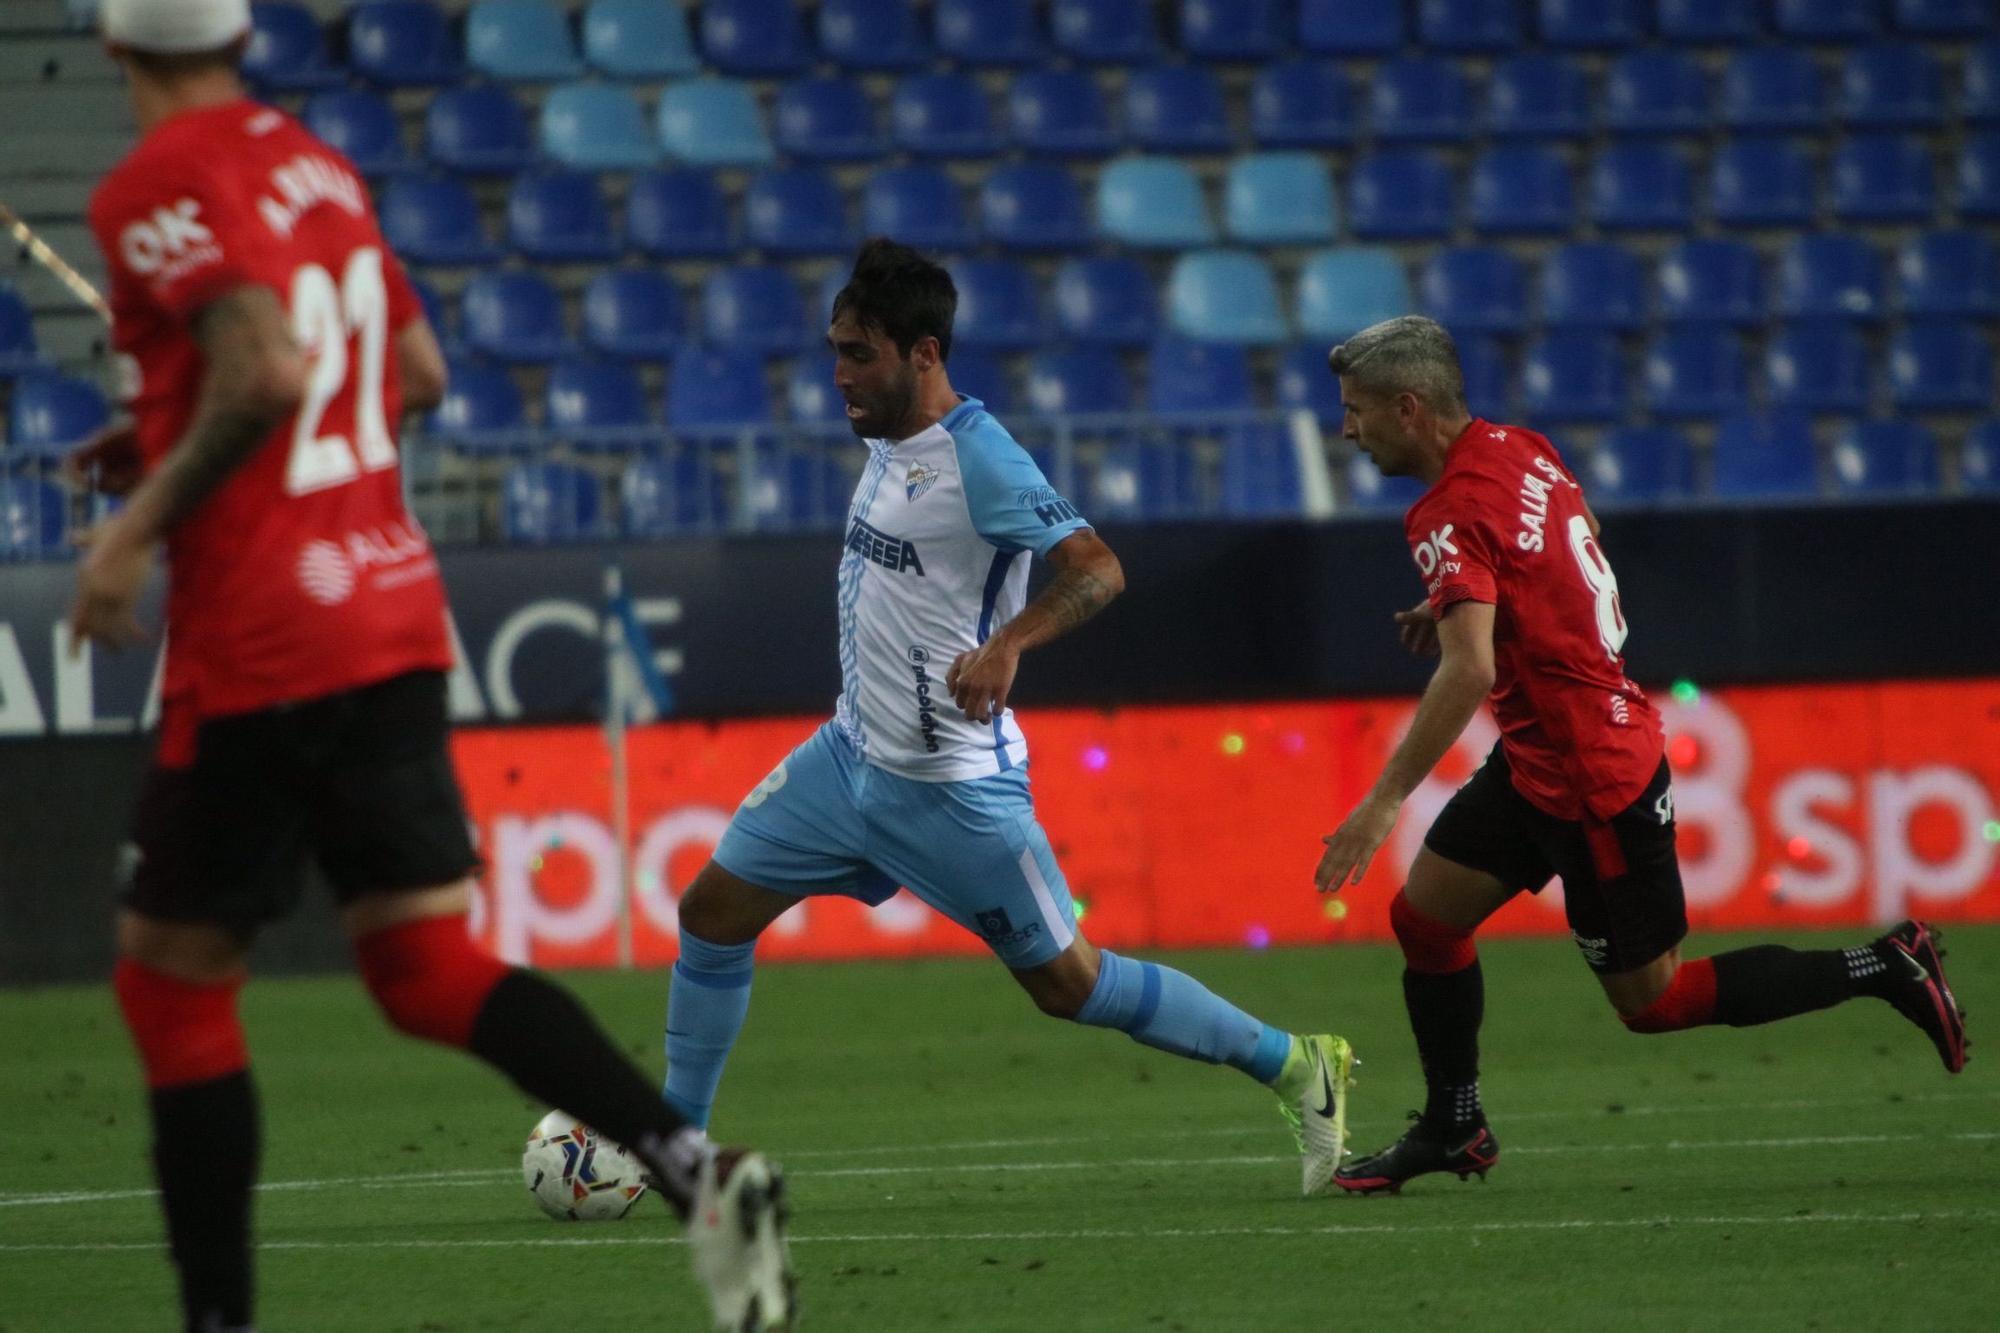 El Mallorca da por bueno el empate en Málaga